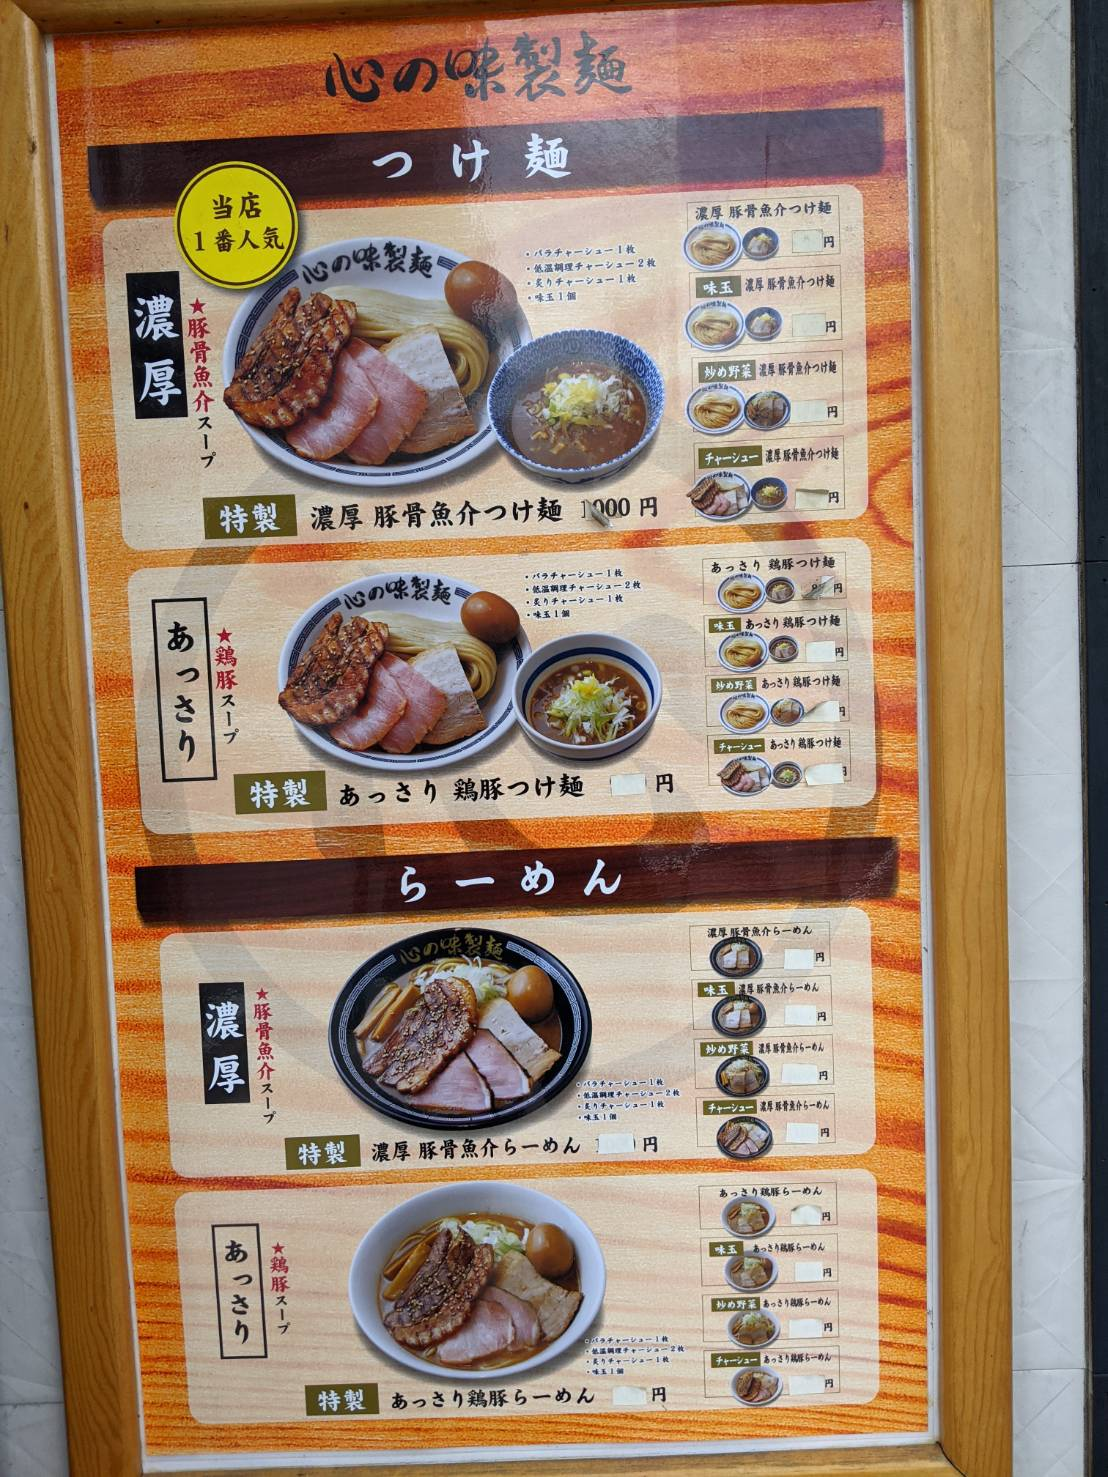 『心の味製麺』メニュー